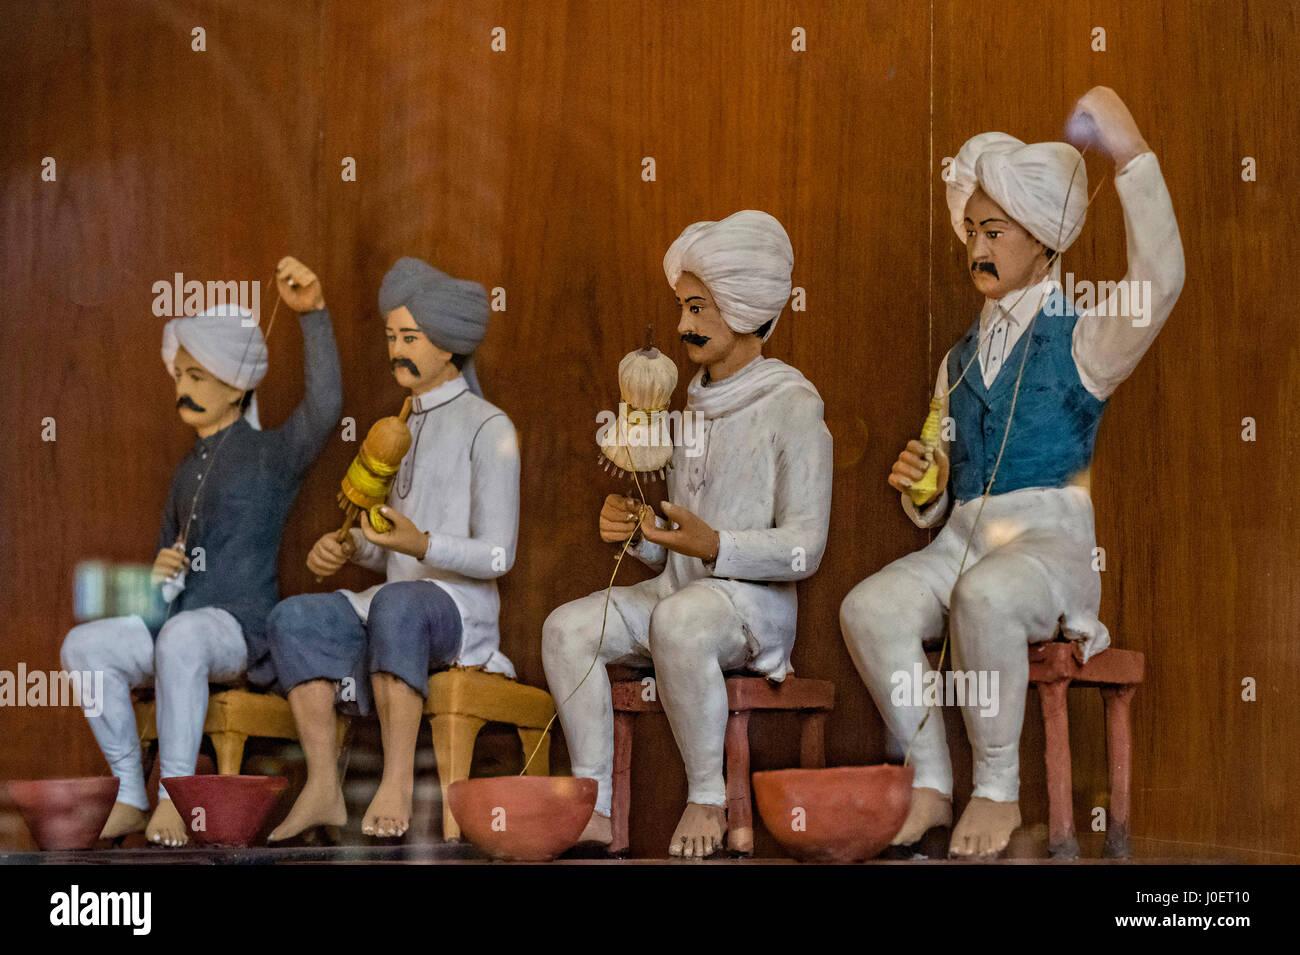 Dyeing thread, bhau daji lad museum, mumbai, maharashtra, india, asia - Stock Image